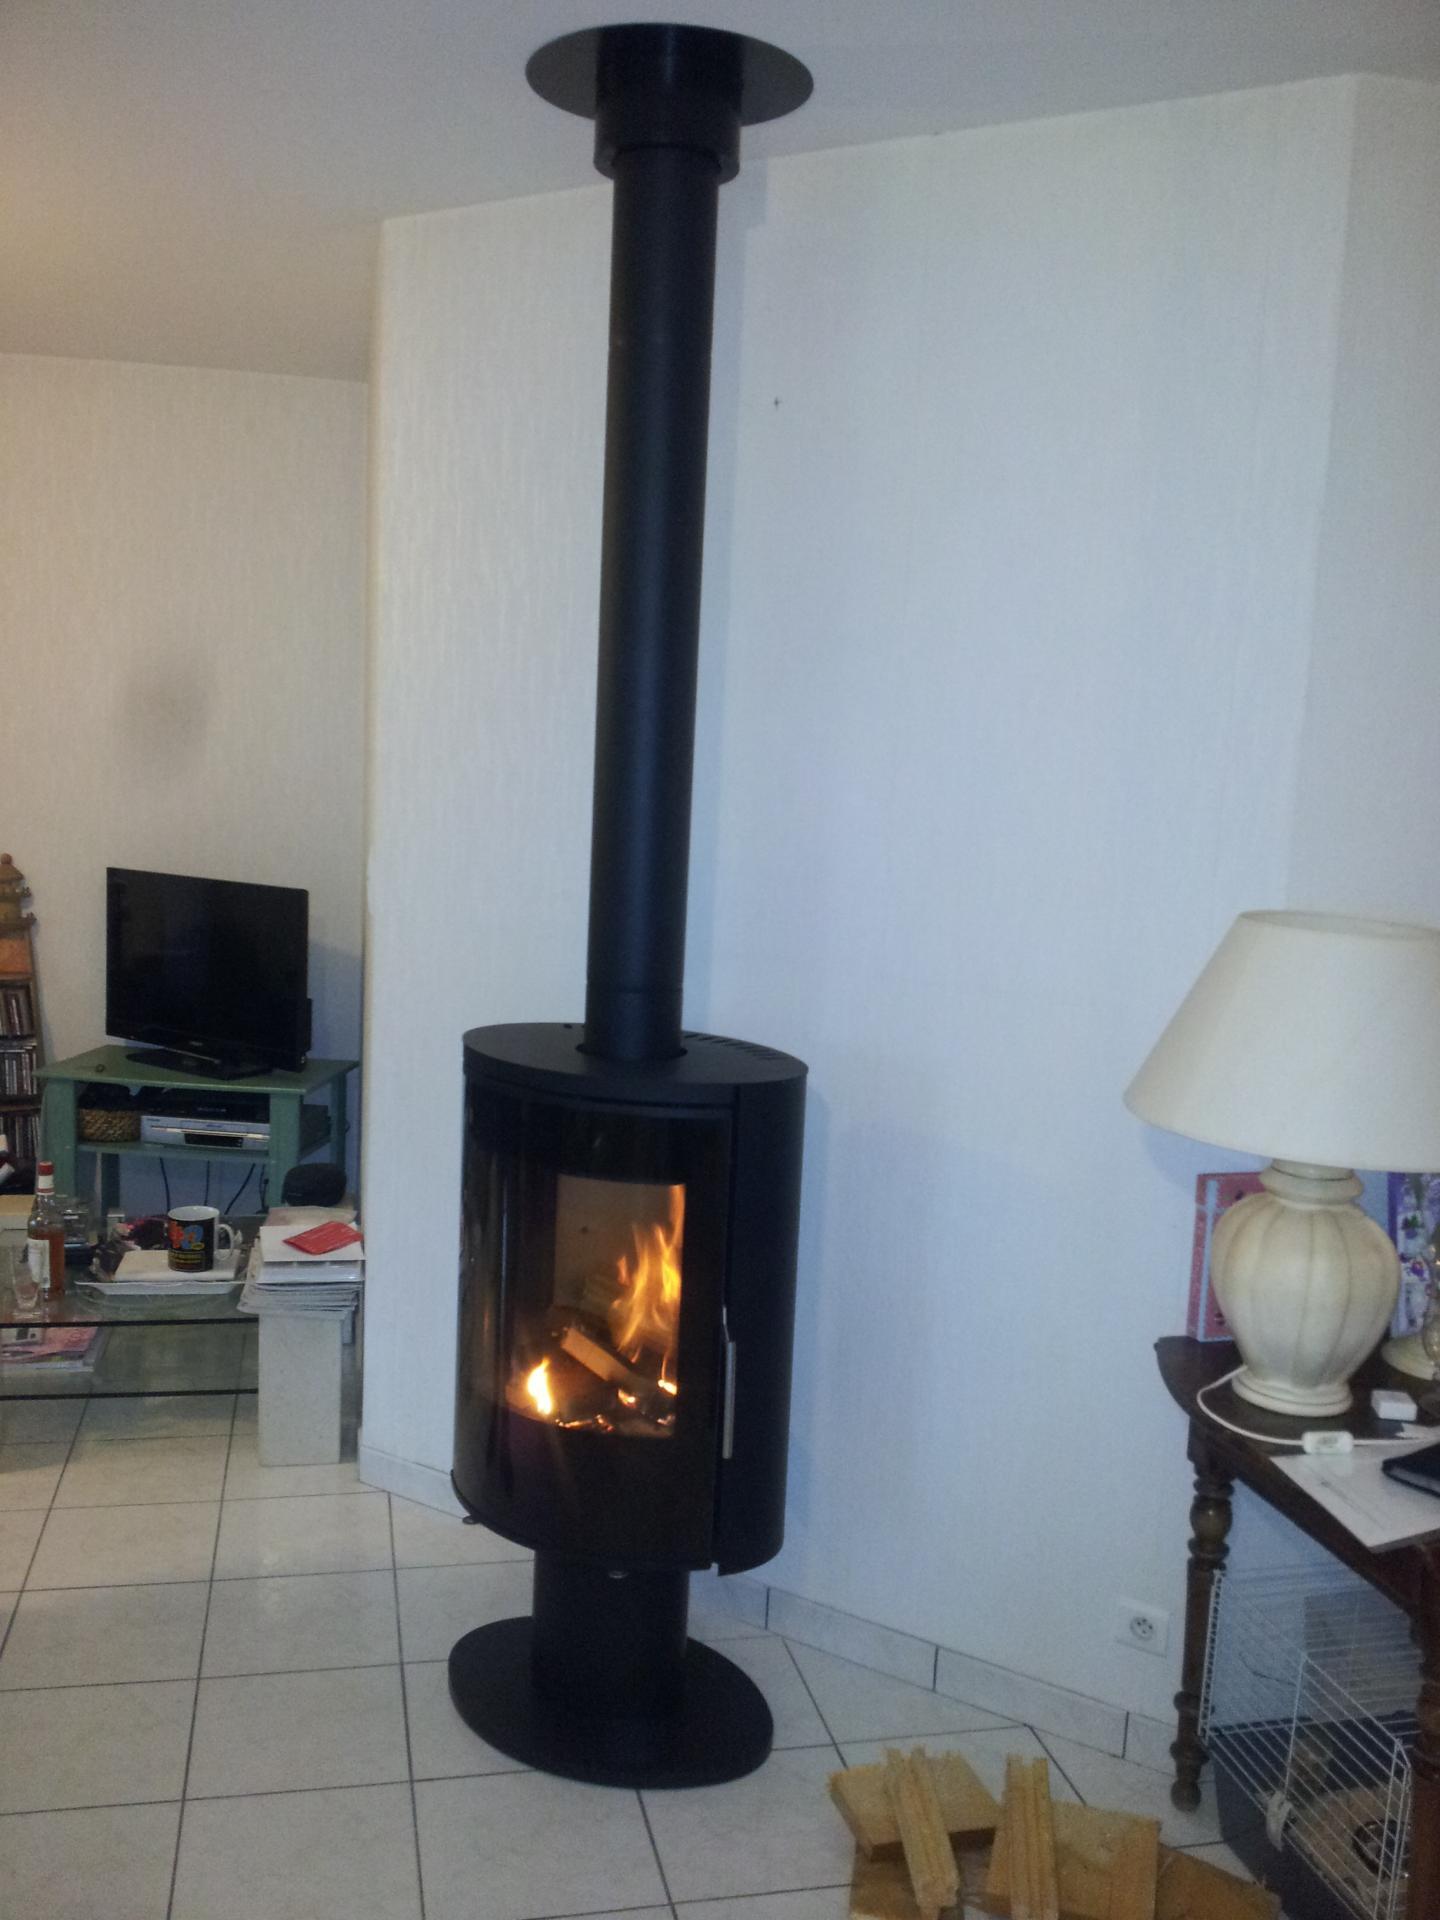 Poele fonte flamme nara for Poele a bois horizontal